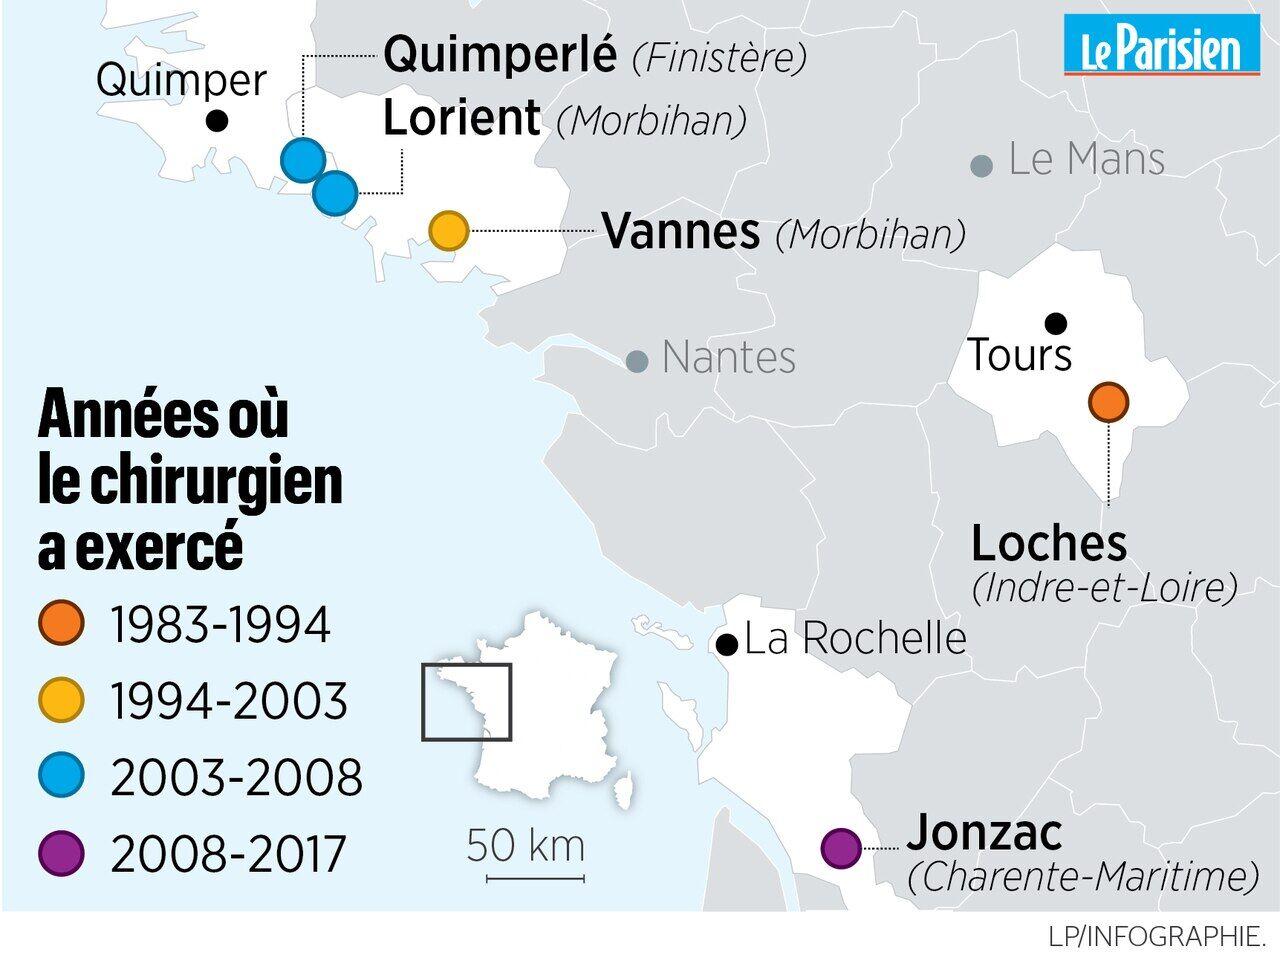 L Effroyable Parcours De Joel Le Scouarnec Chirurgien Pedophile Aux Plus De 250 Victimes Potentielles Le Parisien